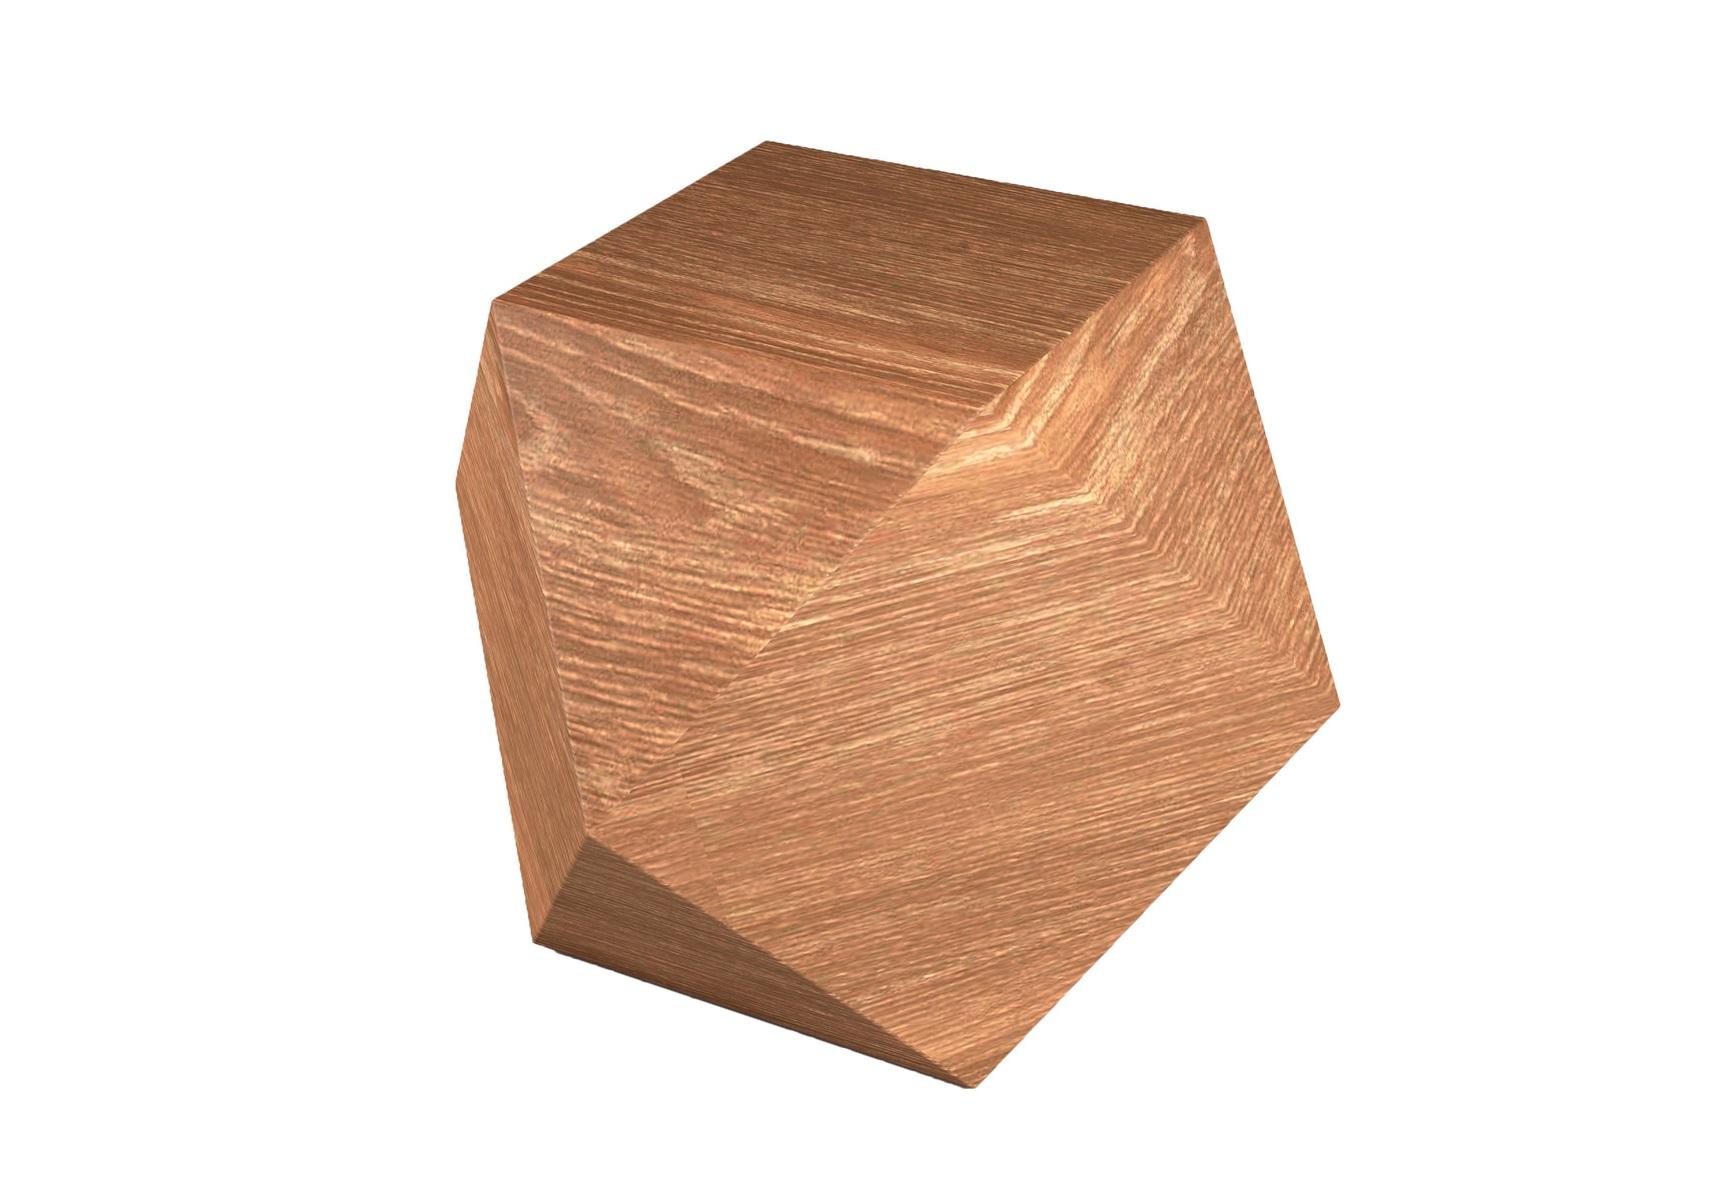 Тумба МногогранникПрикроватные тумбы<br>Можно использовать как прикроватную тумбу&amp;amp;nbsp;&amp;lt;div&amp;gt;Материал: МДФ, шпон&amp;amp;nbsp;&amp;lt;/div&amp;gt;<br><br>Material: МДФ<br>Ширина см: 71<br>Высота см: 50<br>Глубина см: 50